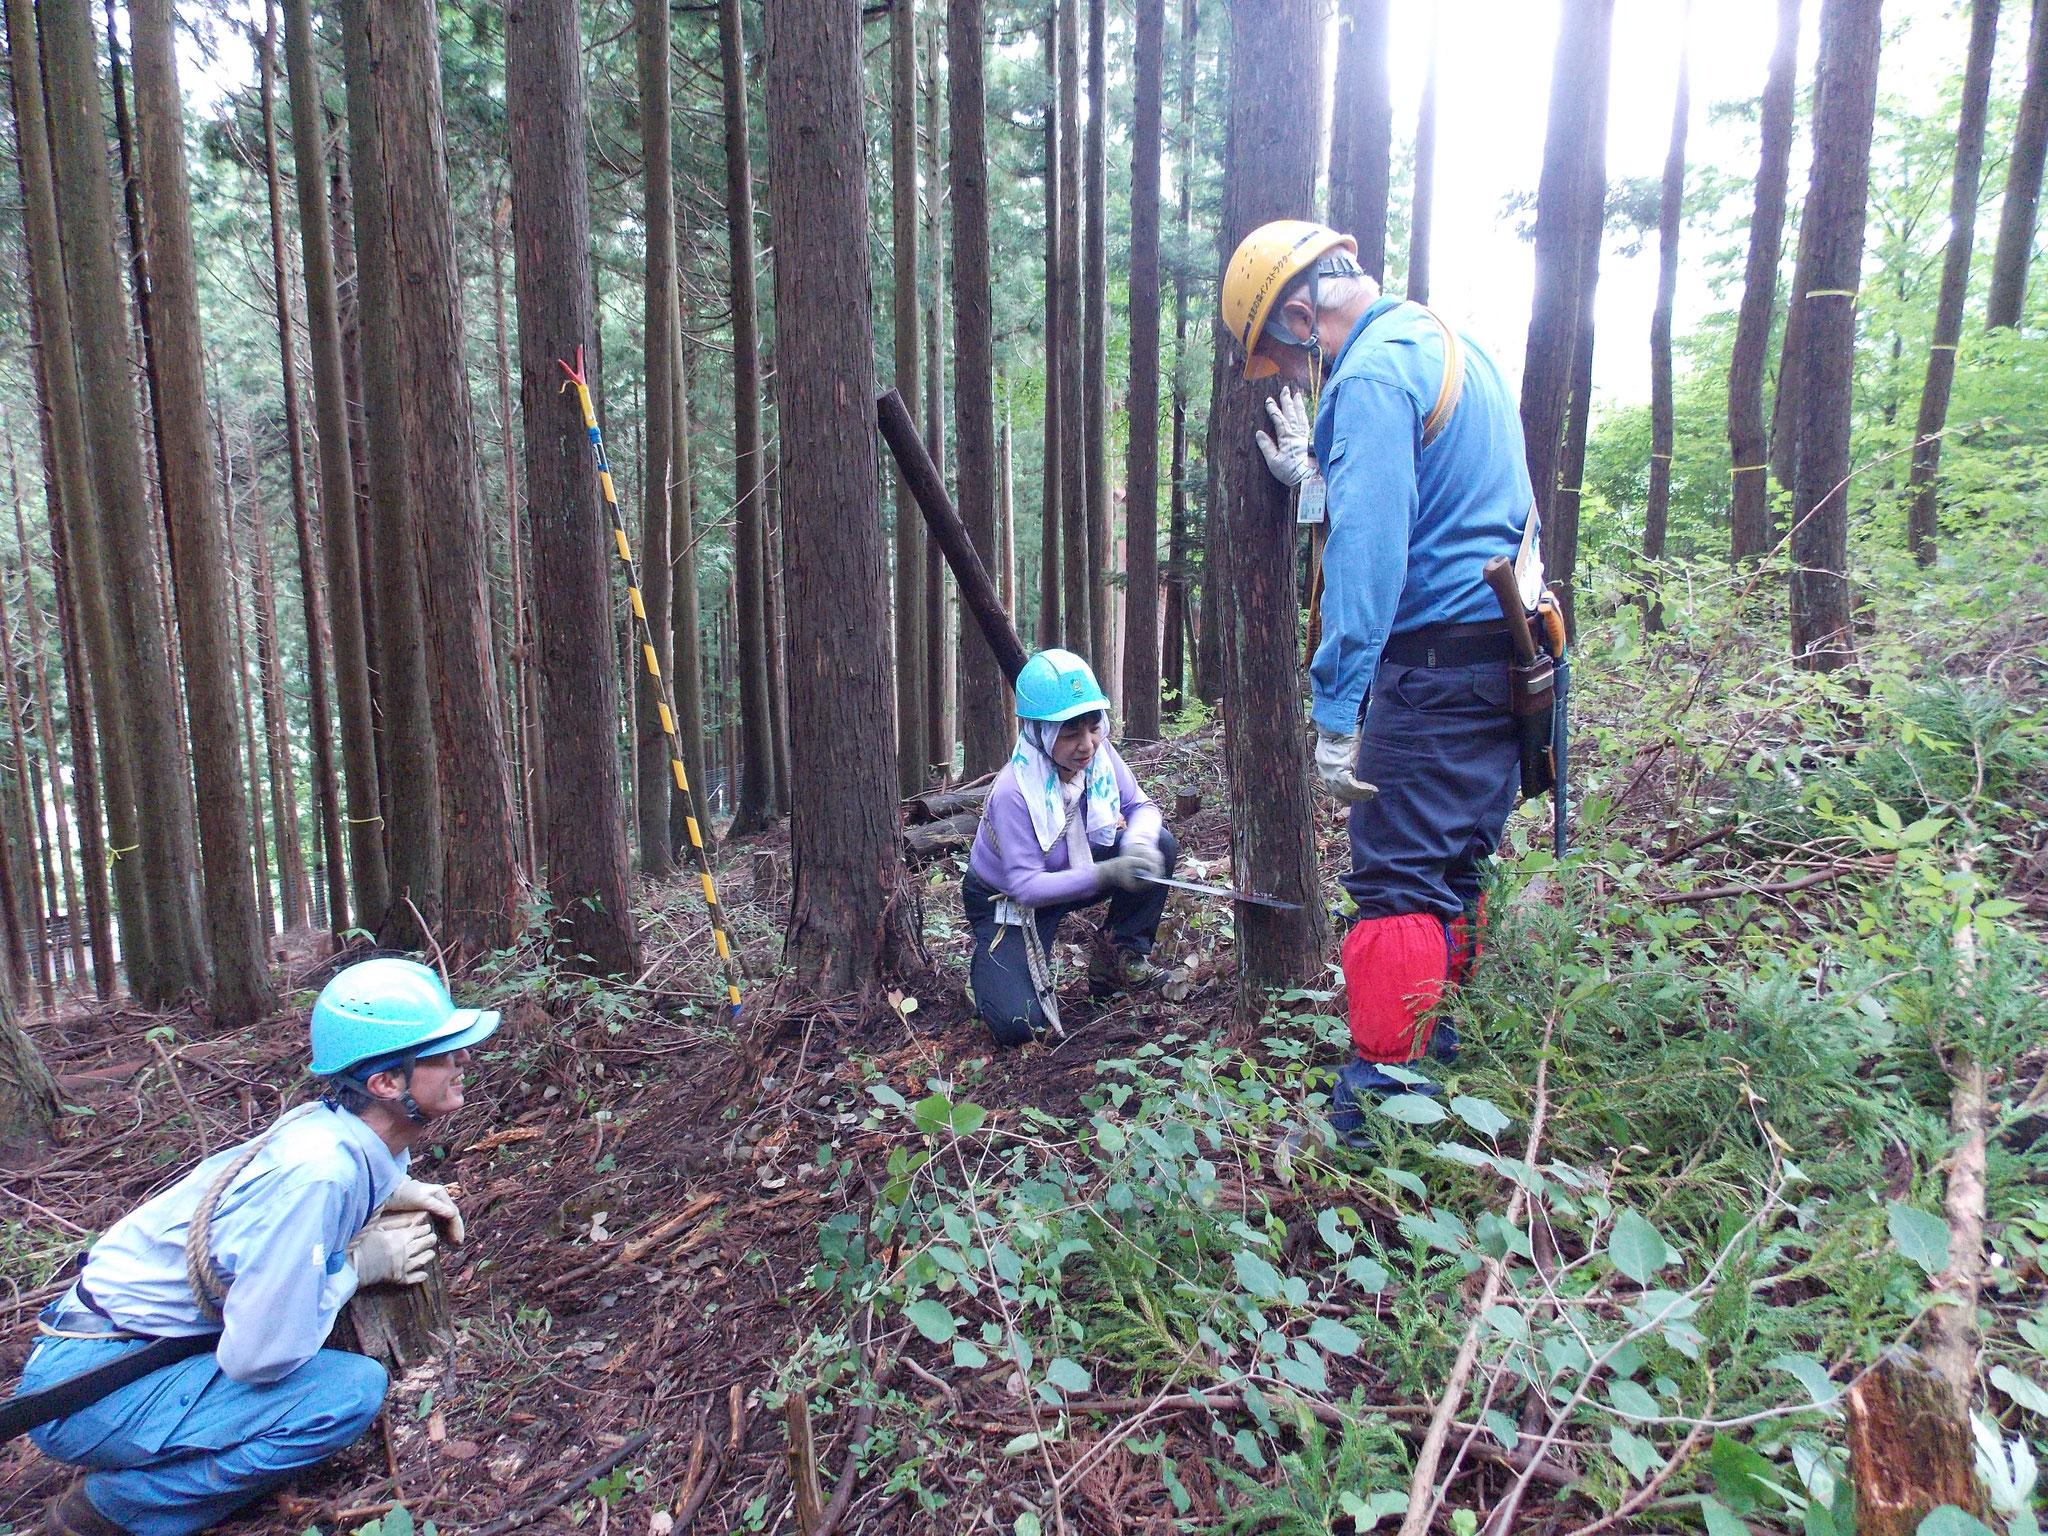 道恵さん受け口作業を、水木さんが鋸の水平か・方向の確認